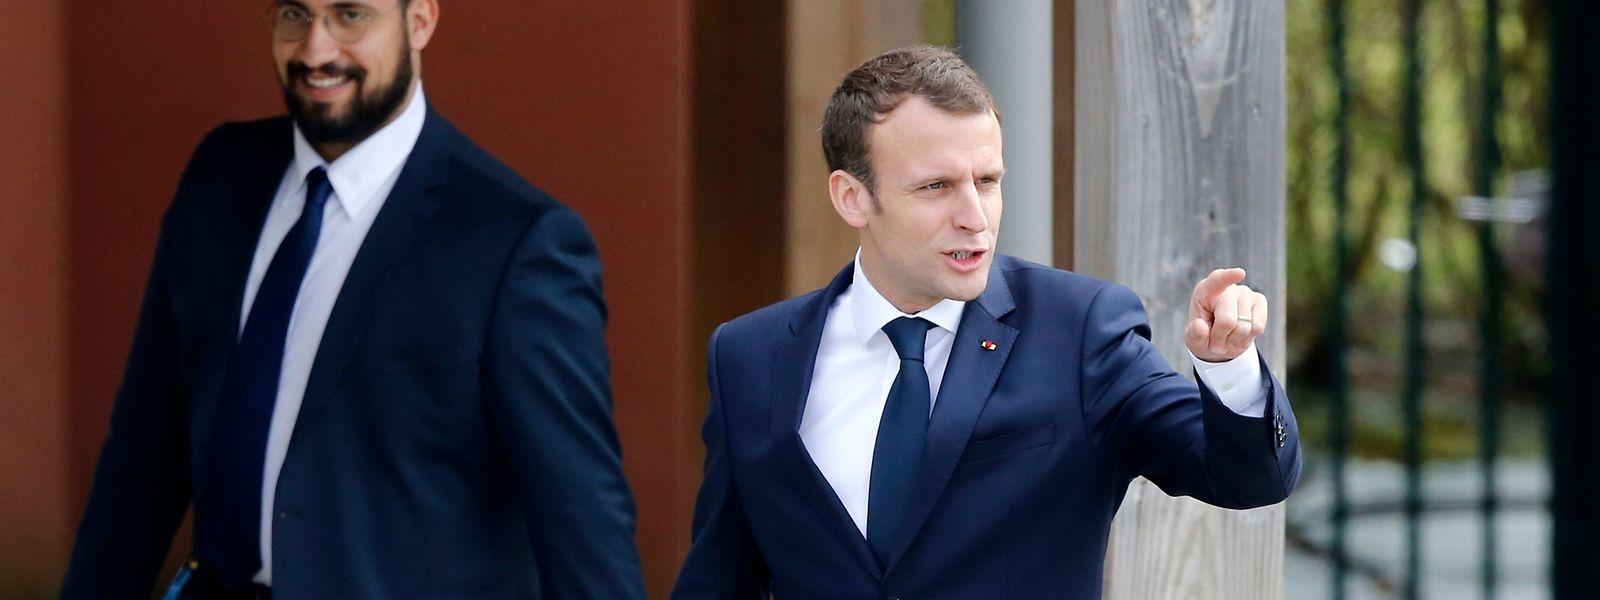 Der französische Präsident Emmanuel Macron (rechts) und sein früherer Sicherheitsmitarbeiter Alexandre Benalla.